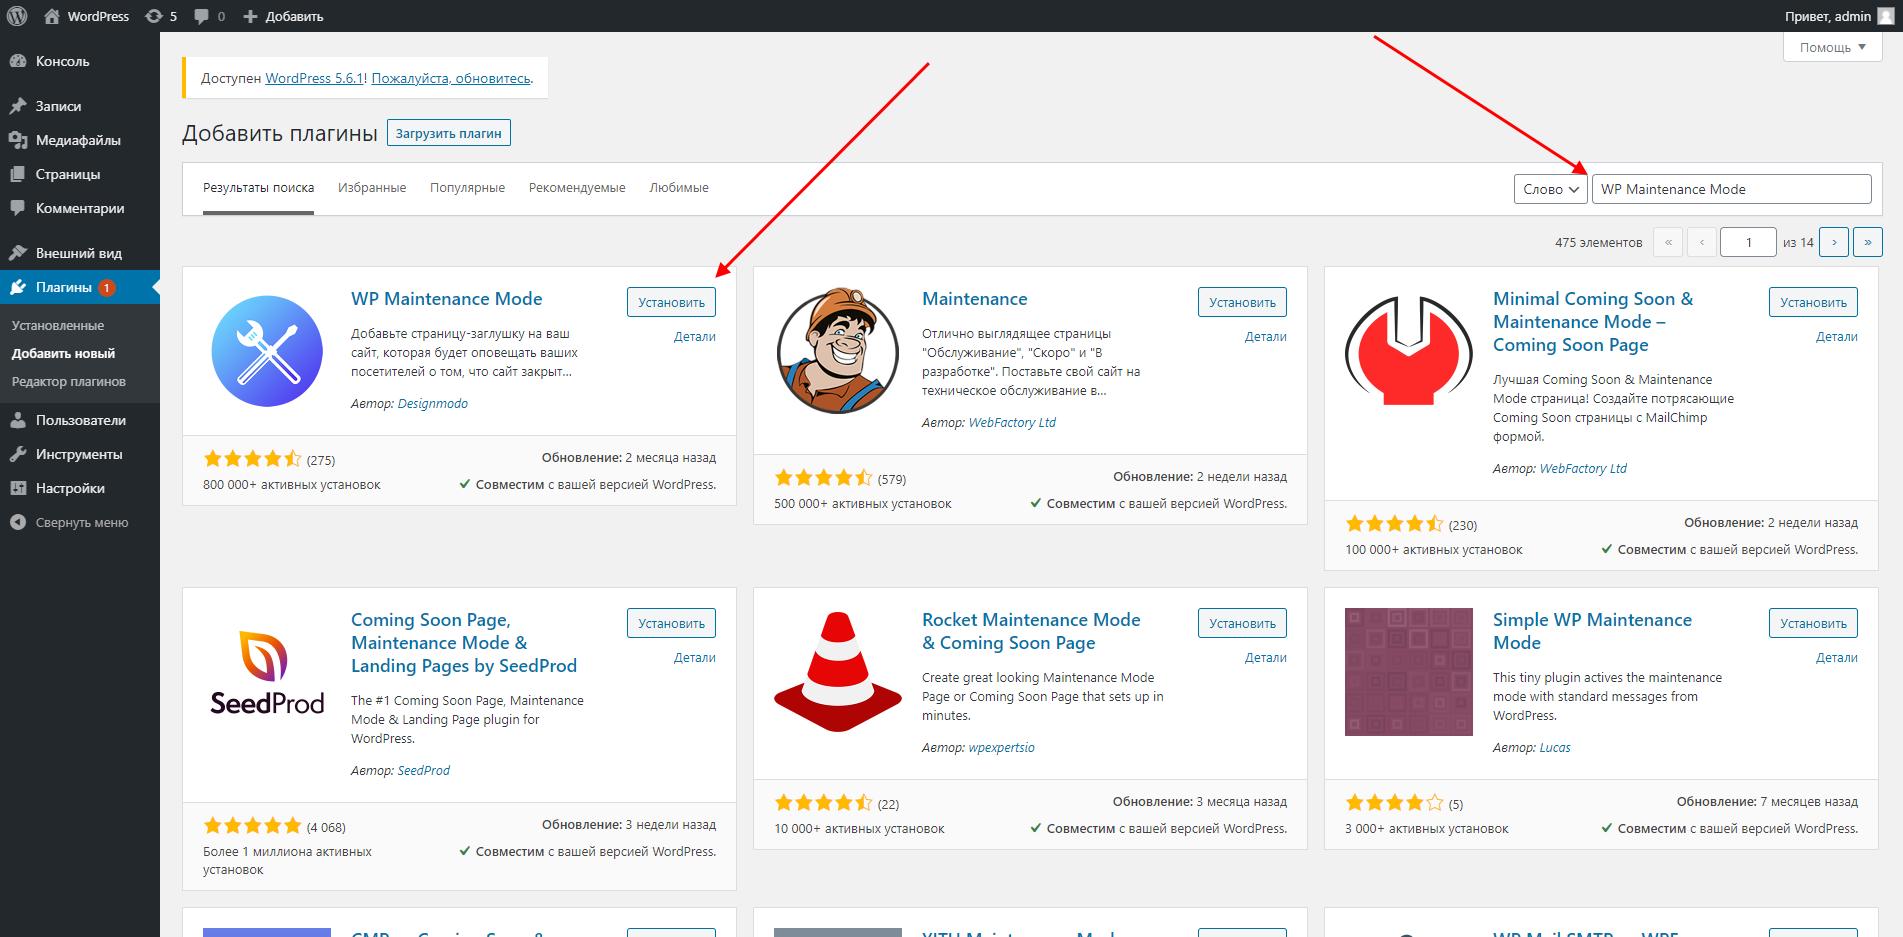 Как в WordPress установить WP Maintenance Mode